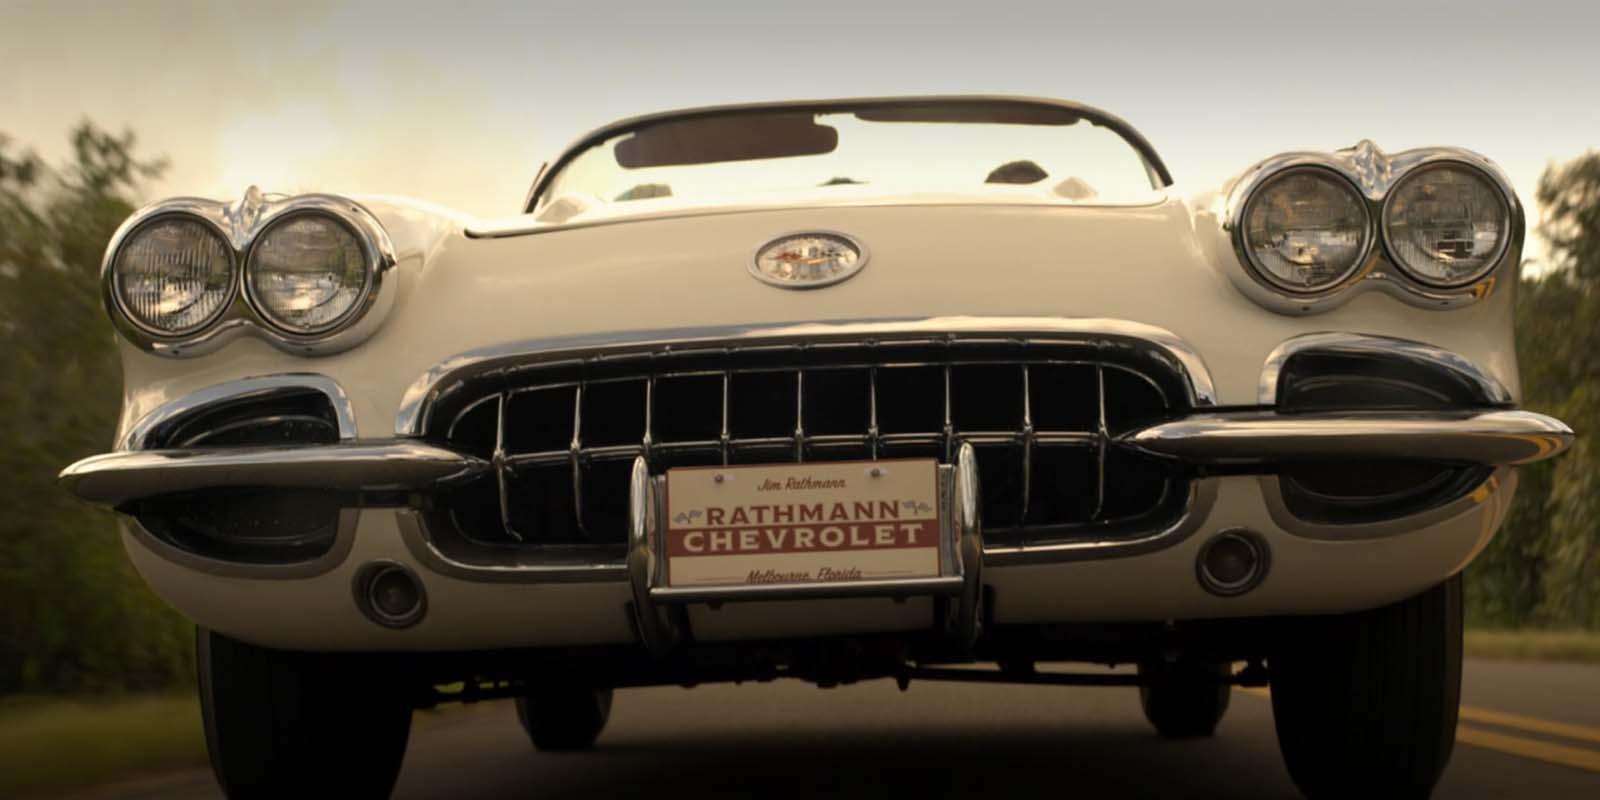 New Disney+ Series Makes for Good Corvette Spotting